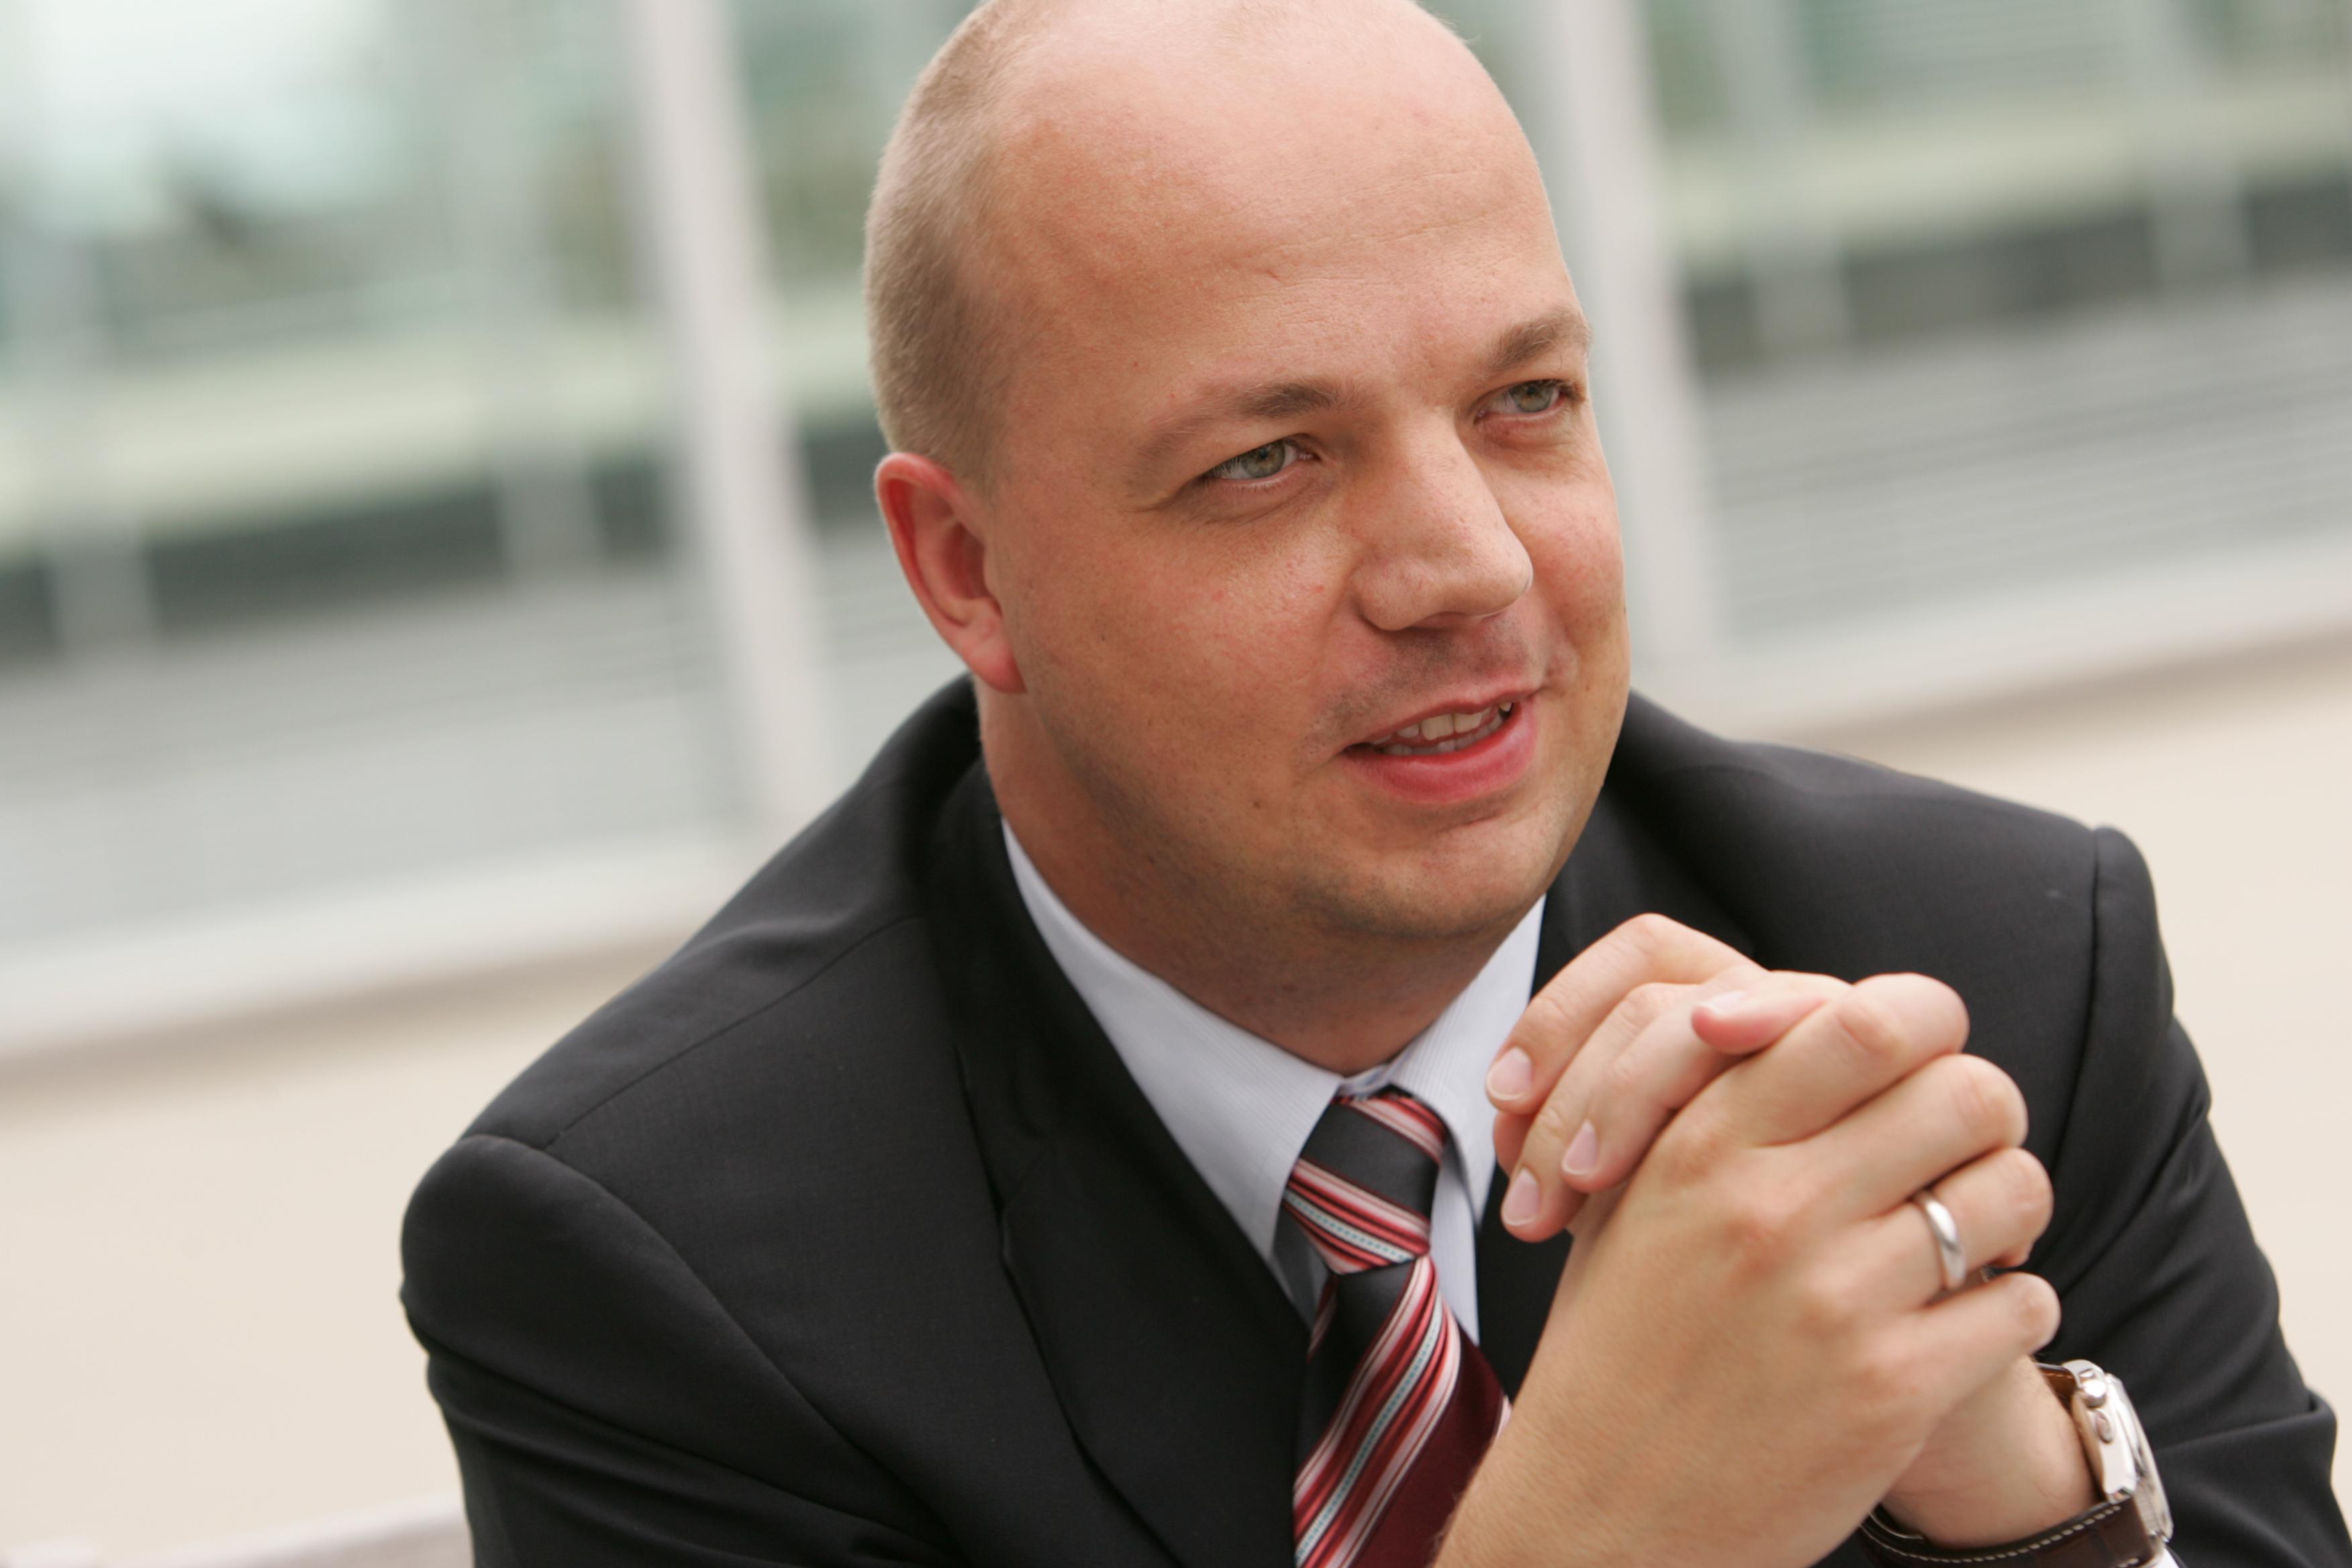 Kai Stemick, Geschäftsführer der Host Europe Solutions GmbH, baut mit einer Kooperation mit dem Spezialisten Akamai das Angebot von Host Europe weiter aus. Quelle: HES